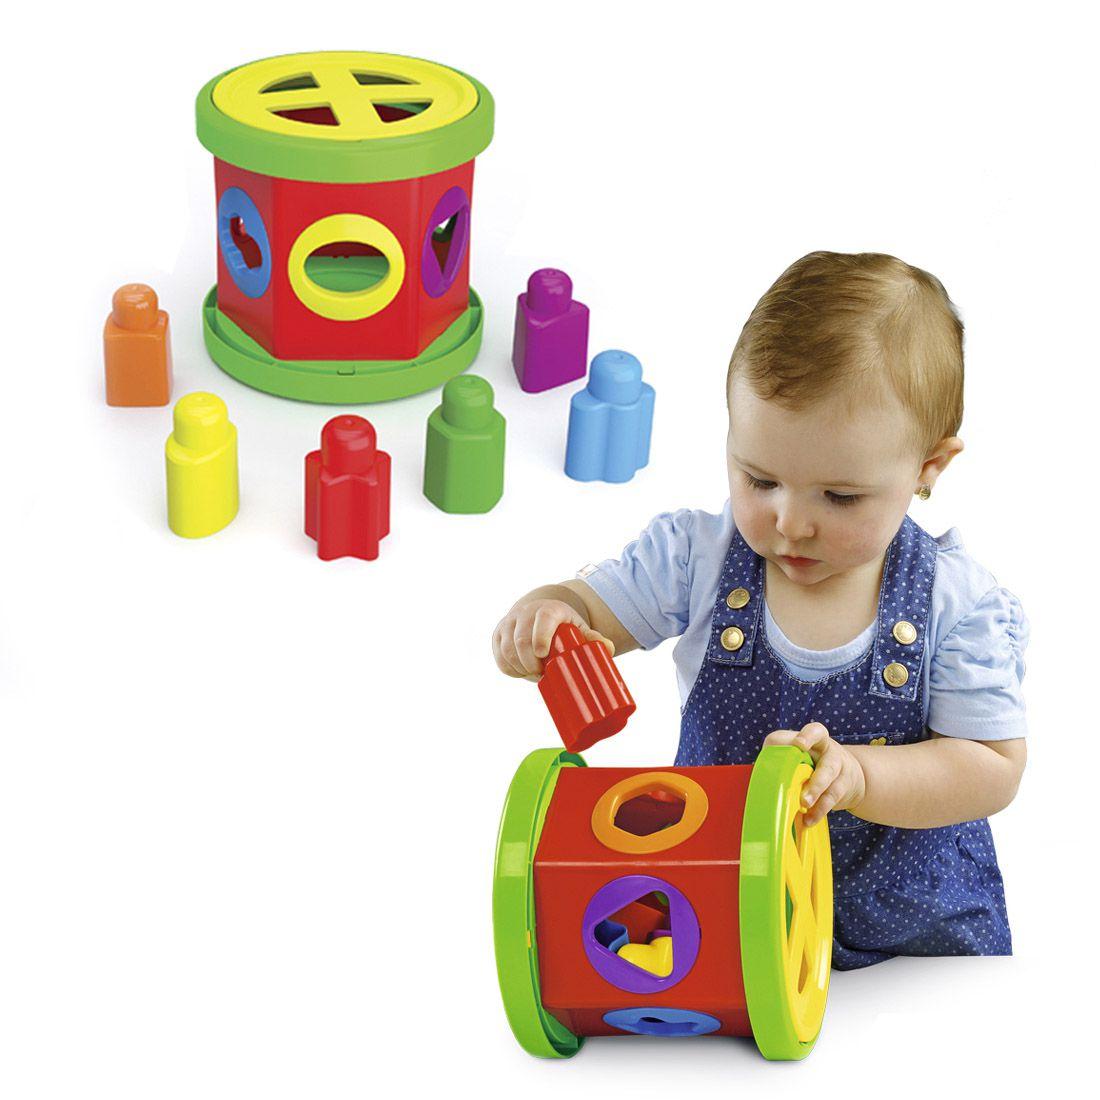 Briquedo de Encaixe Pedagógico Gire e Brinque Dismat